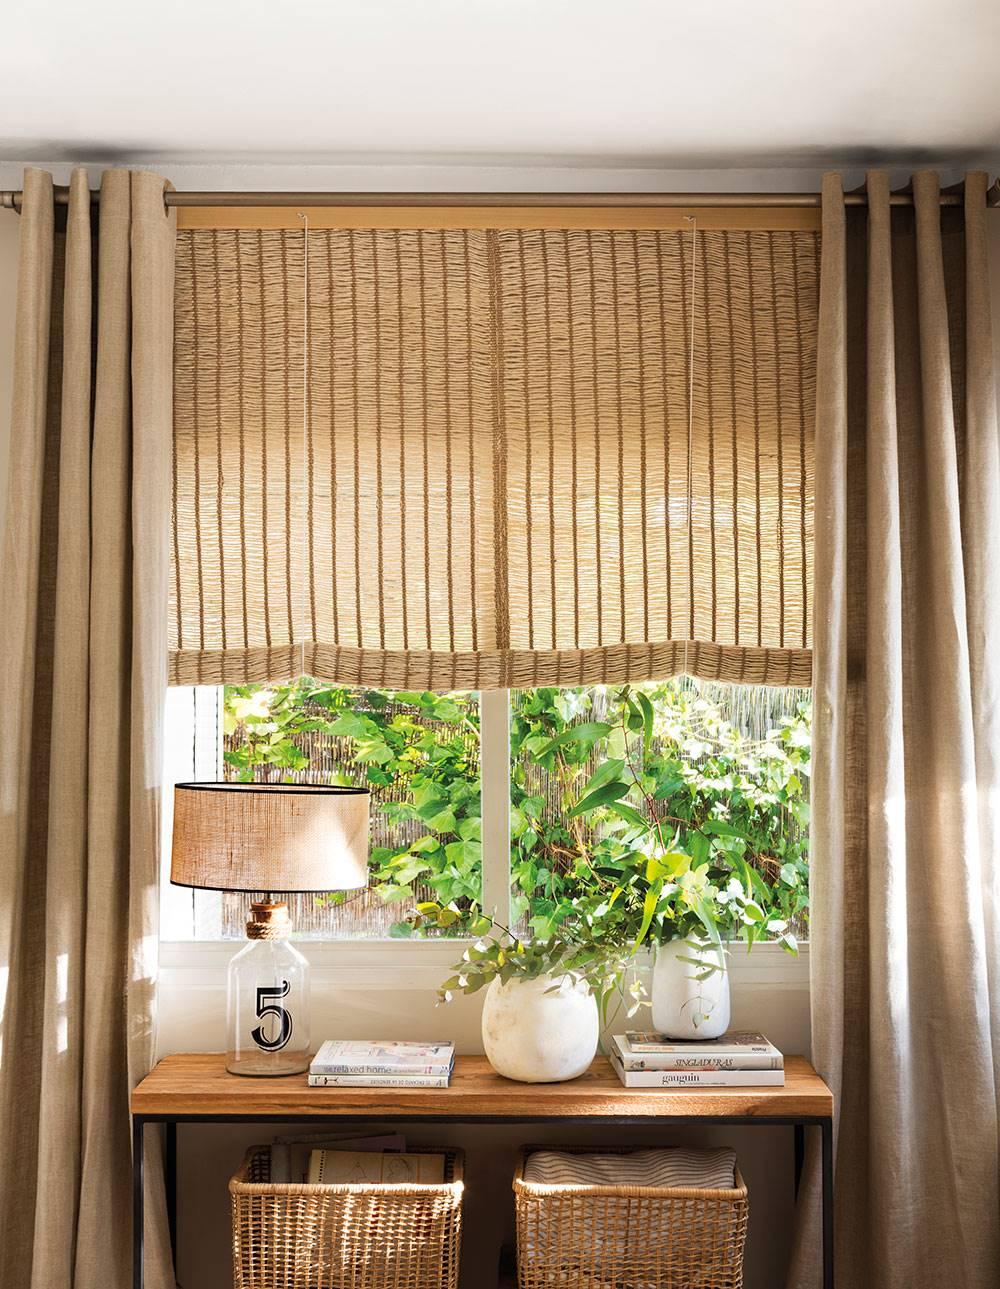 711 fotos de cortinas - Estores el corte ingles ...